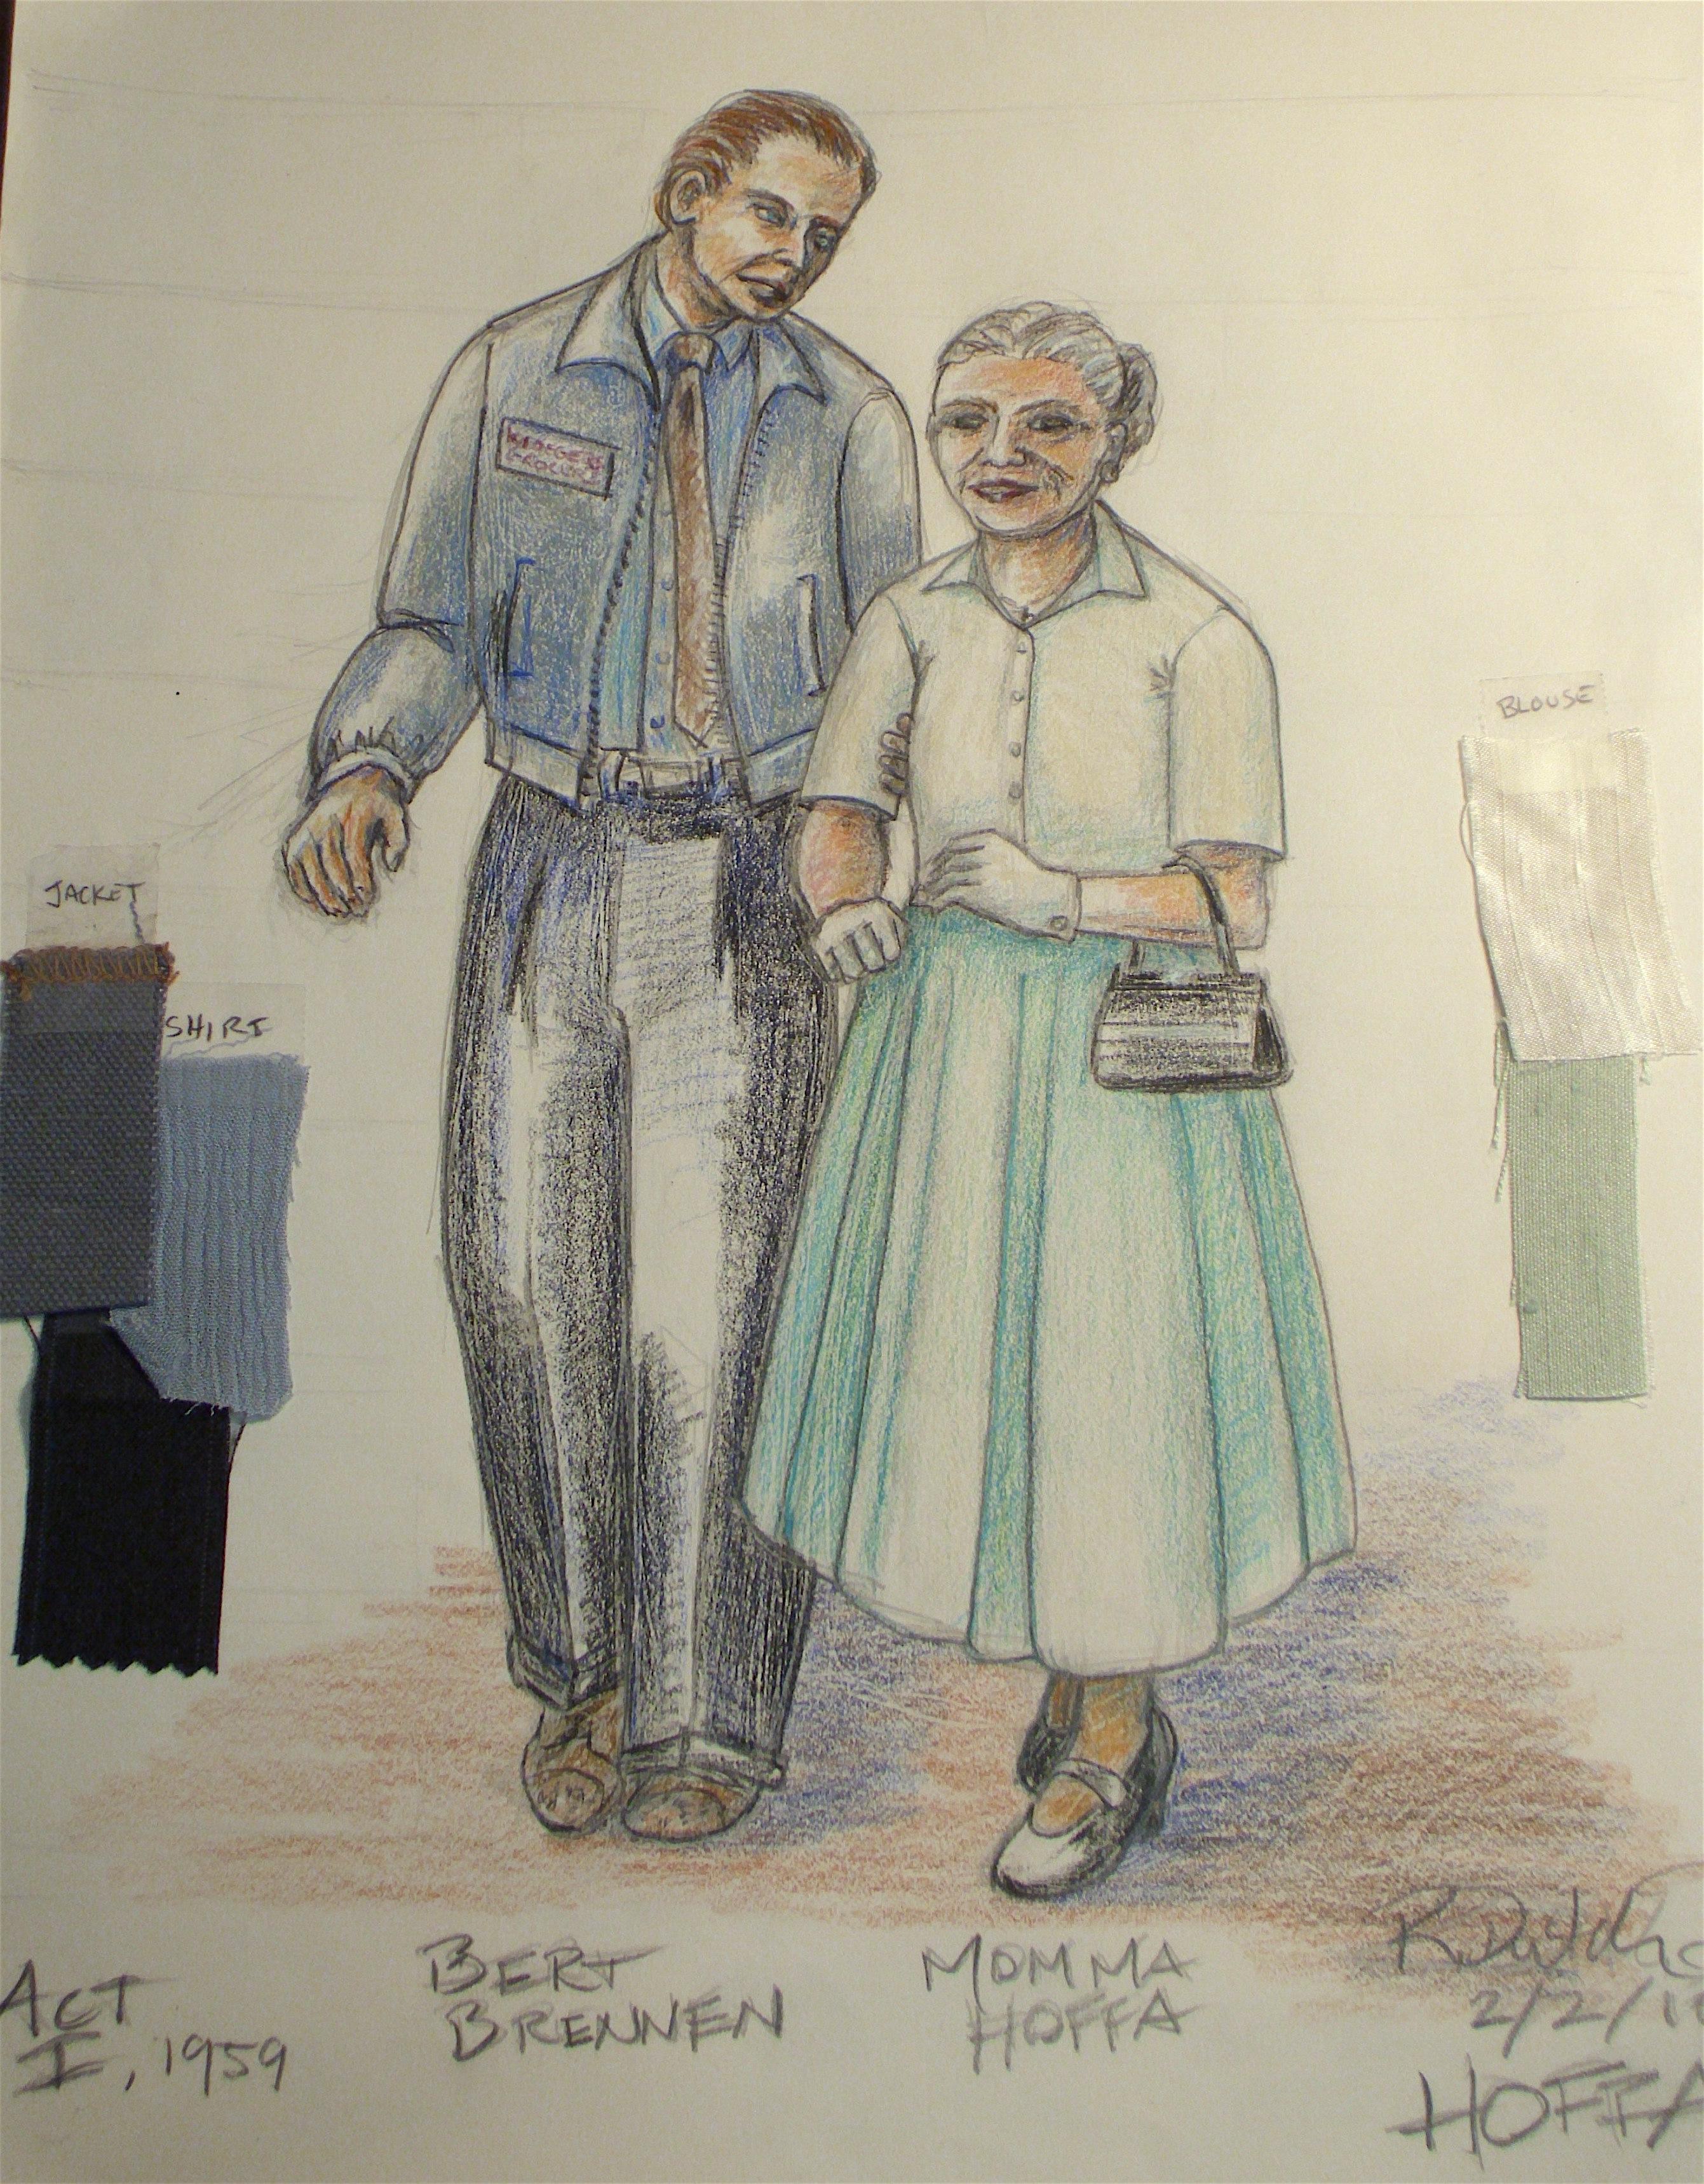 Bert Brennan & Mama Hoffa, 1959